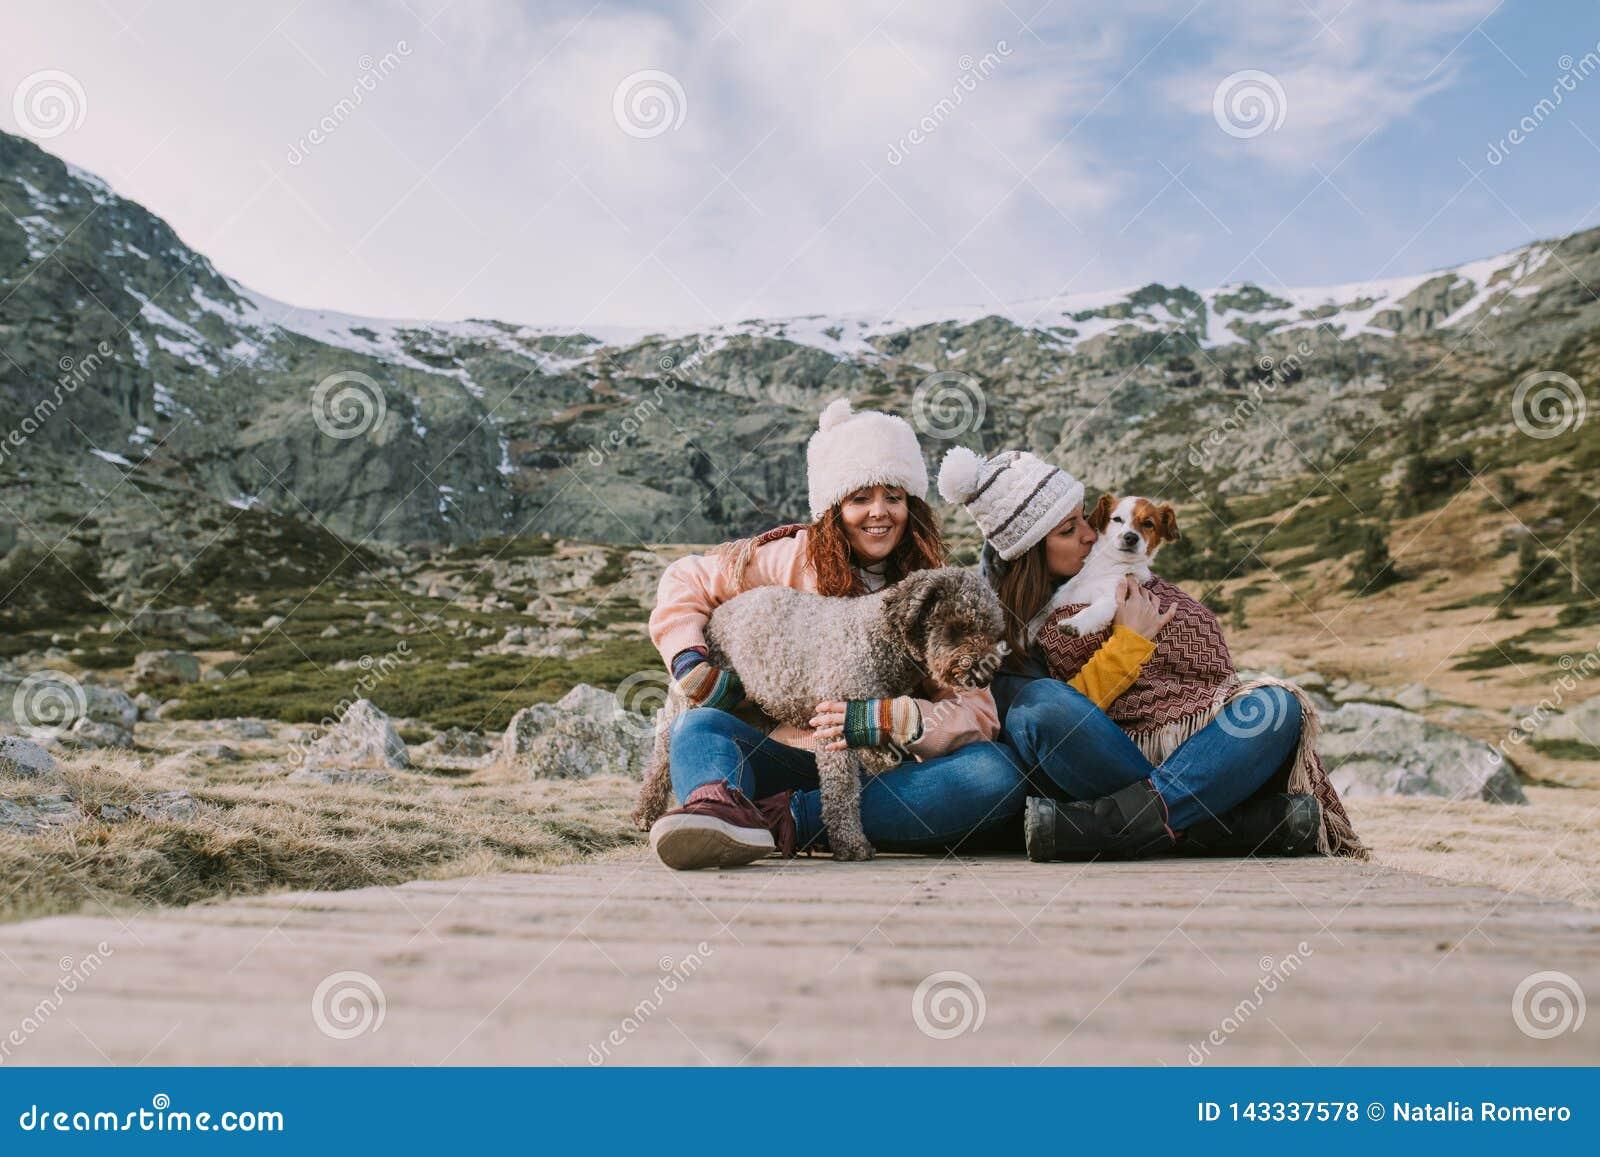 Deux amis jouent avec leurs chiens se reposant dans le pré avec une grande montagne derrière eux